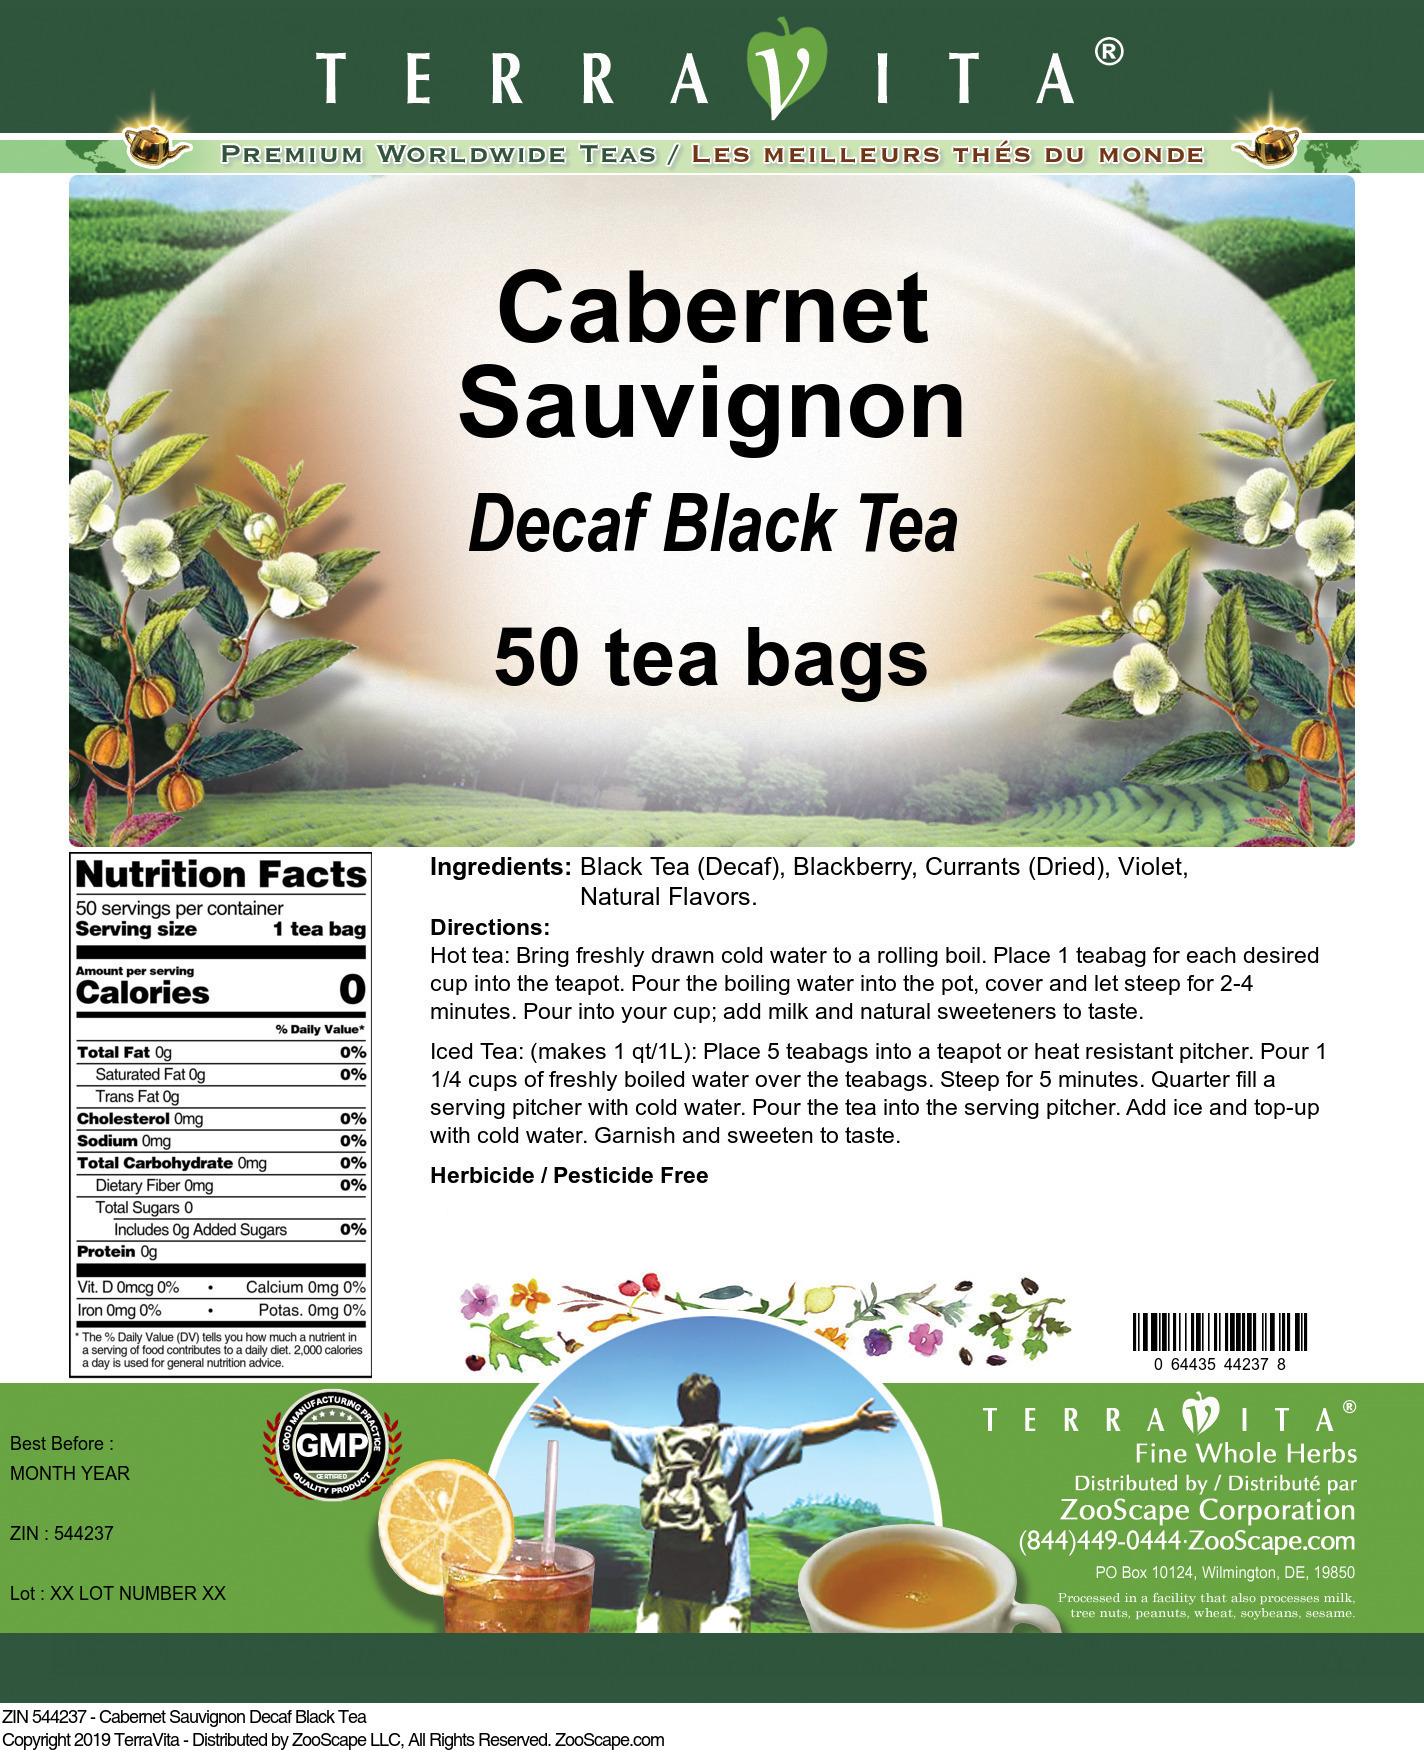 Cabernet Sauvignon Decaf Black Tea